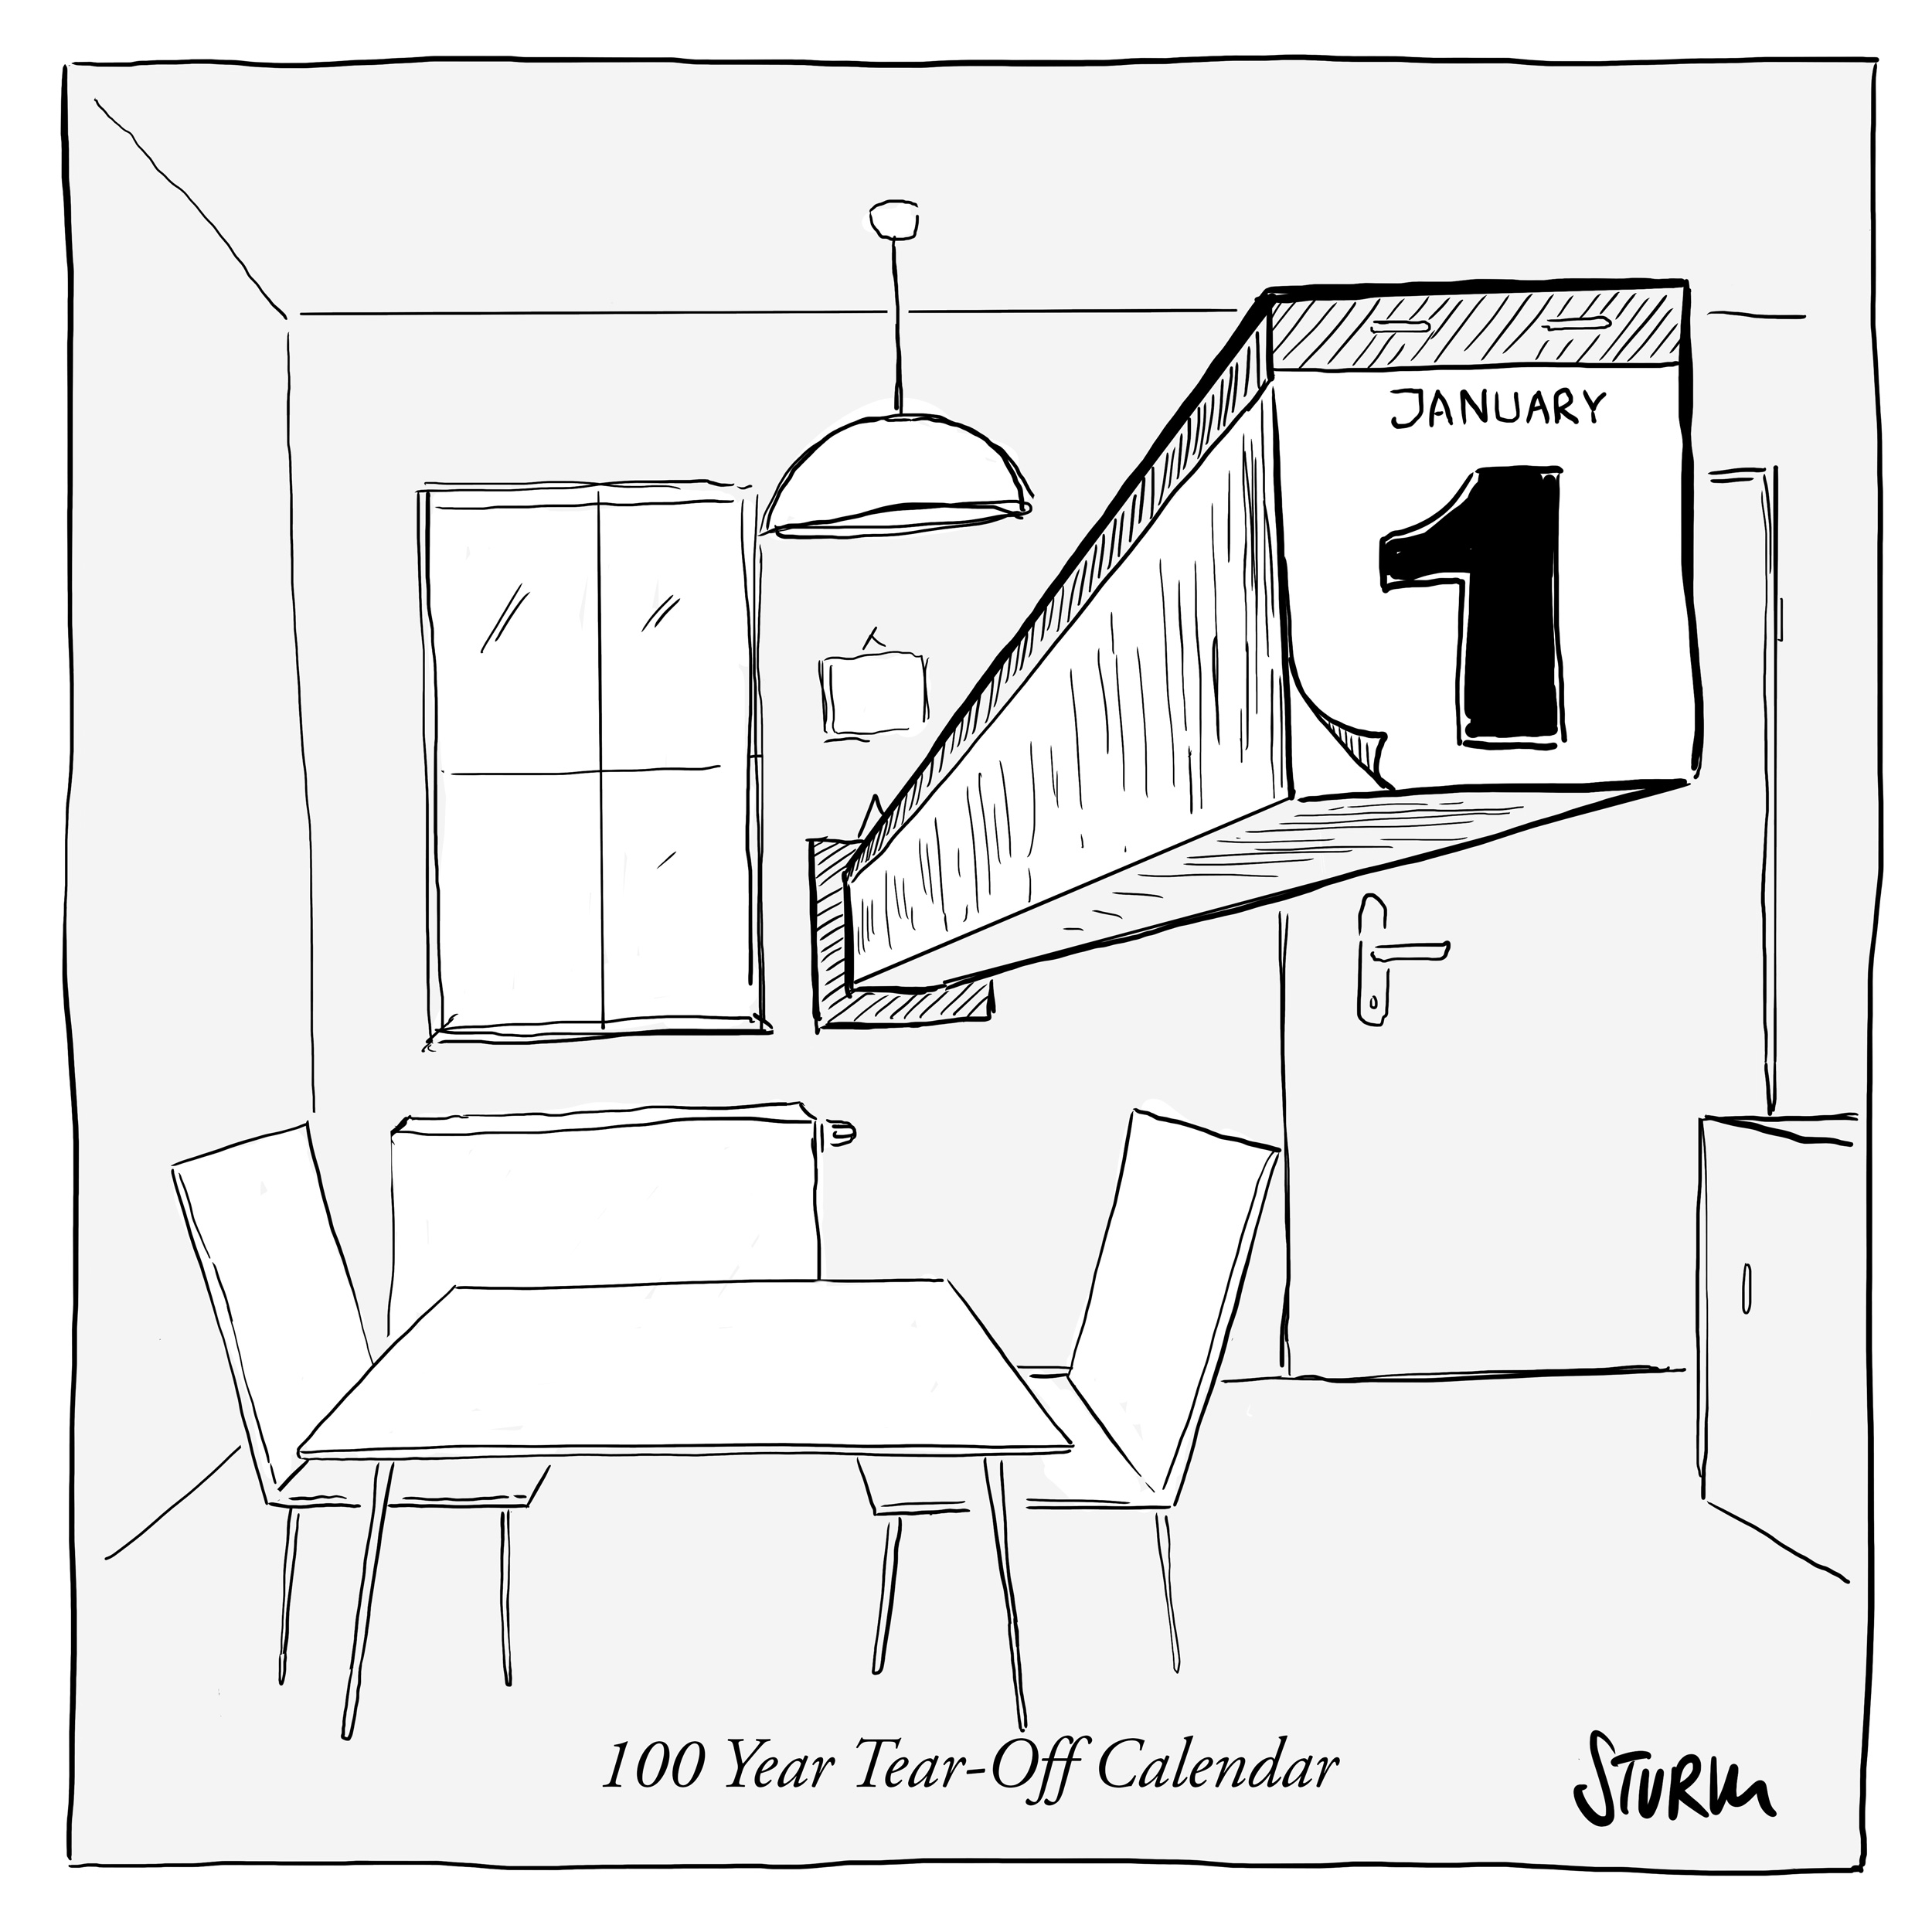 100 Year Tear-Off Calendar - Cartoon by Philipp Sturm